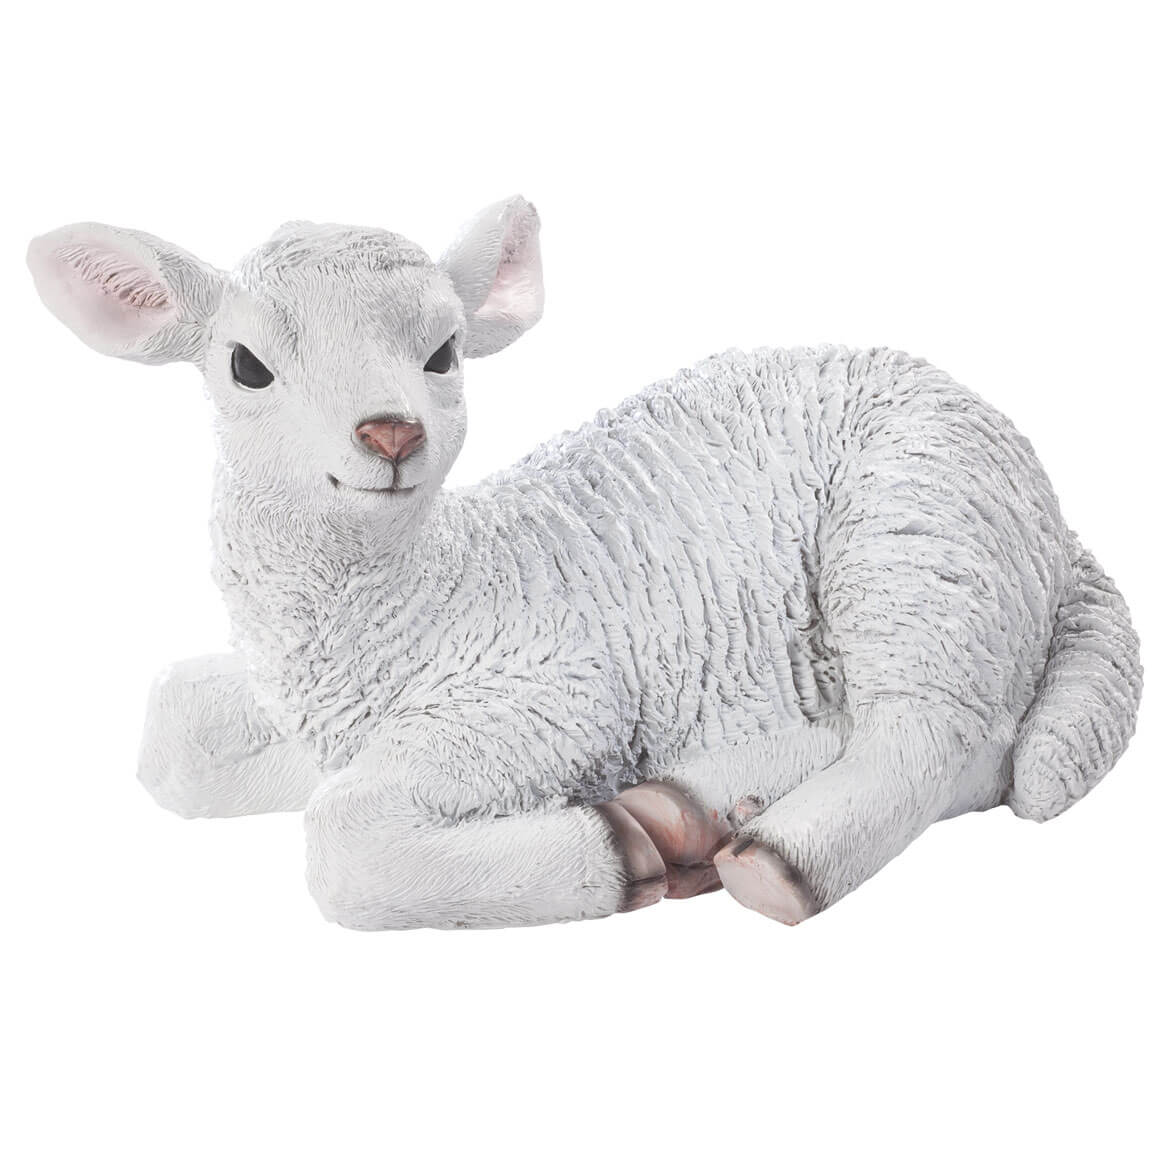 Resin Lamb Statue